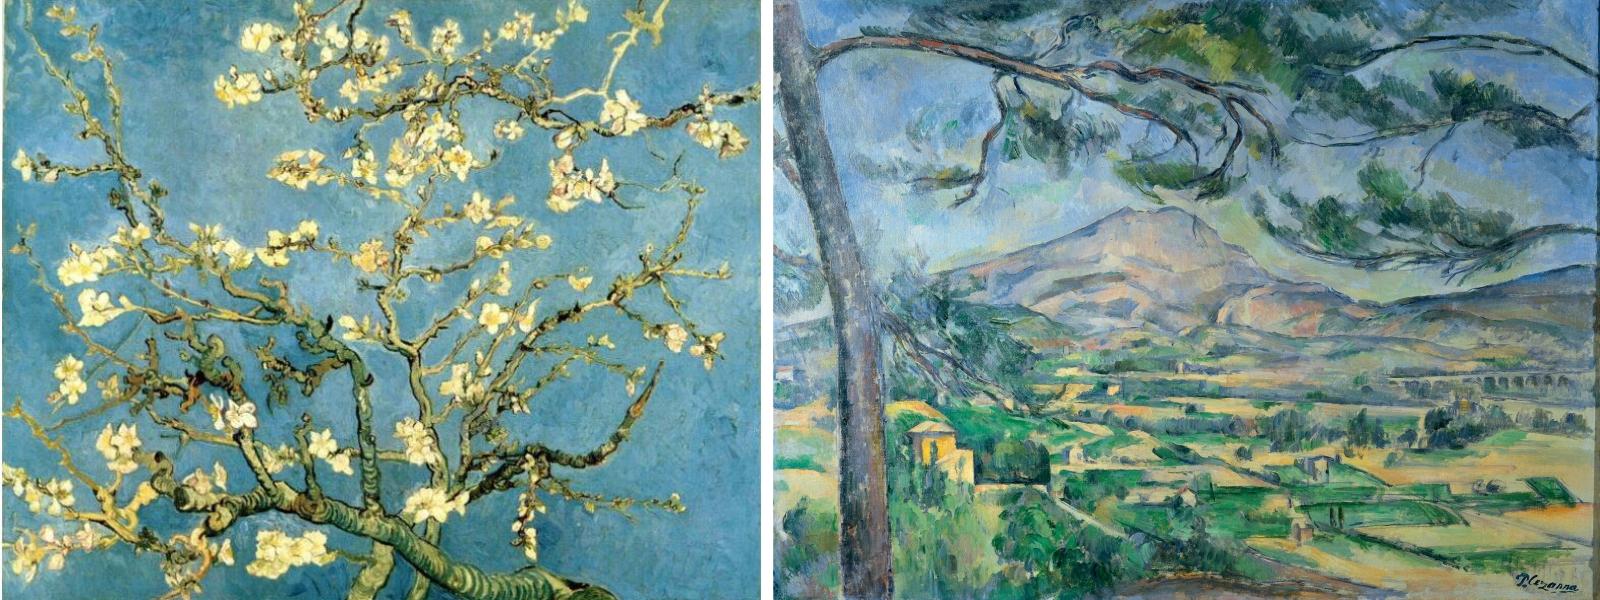 Vincent_van_Gogh_Paul_Cezanne